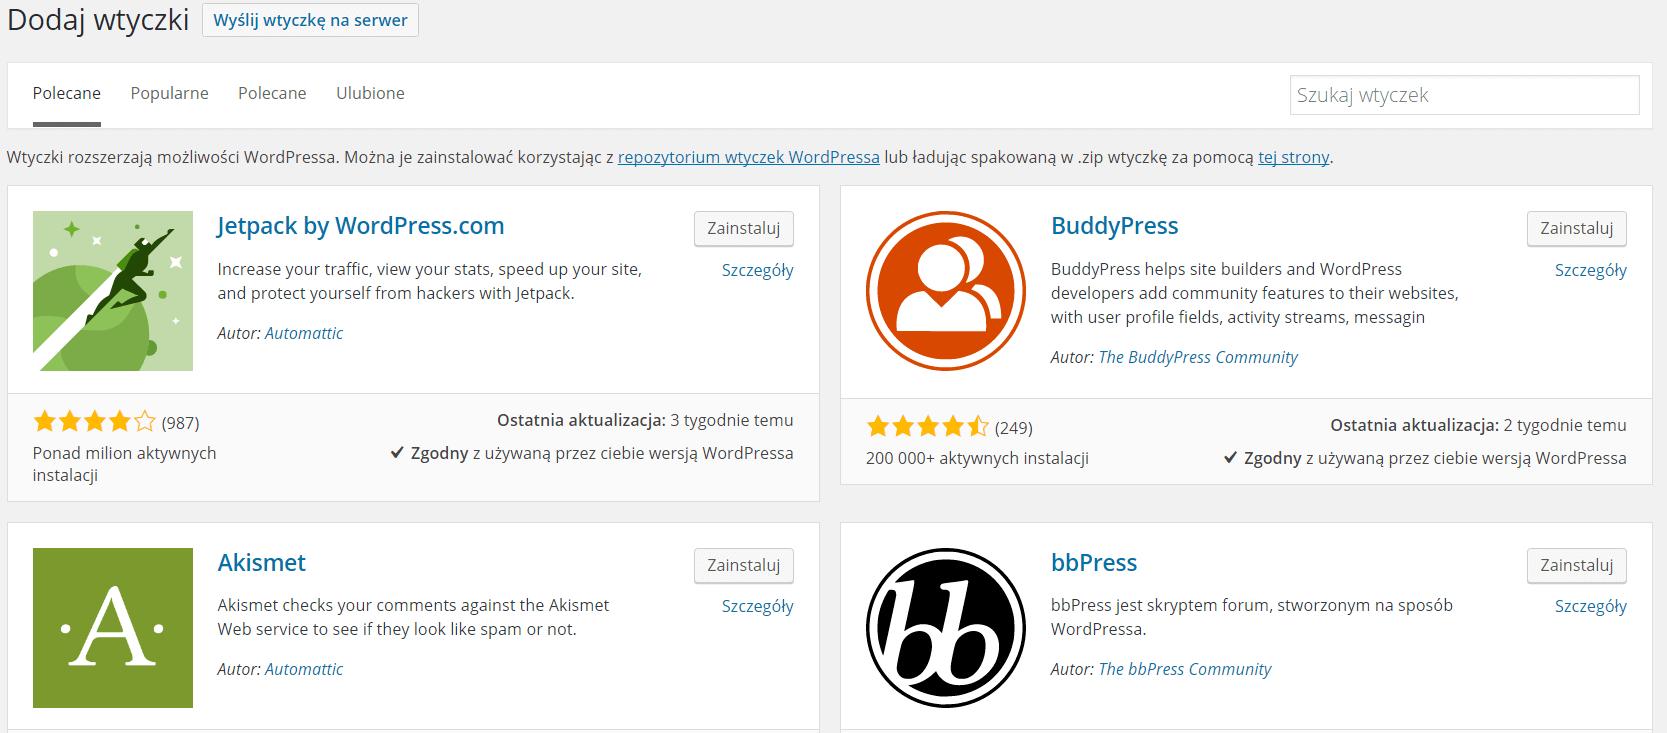 Dodawanie wtyczek w WordPressie